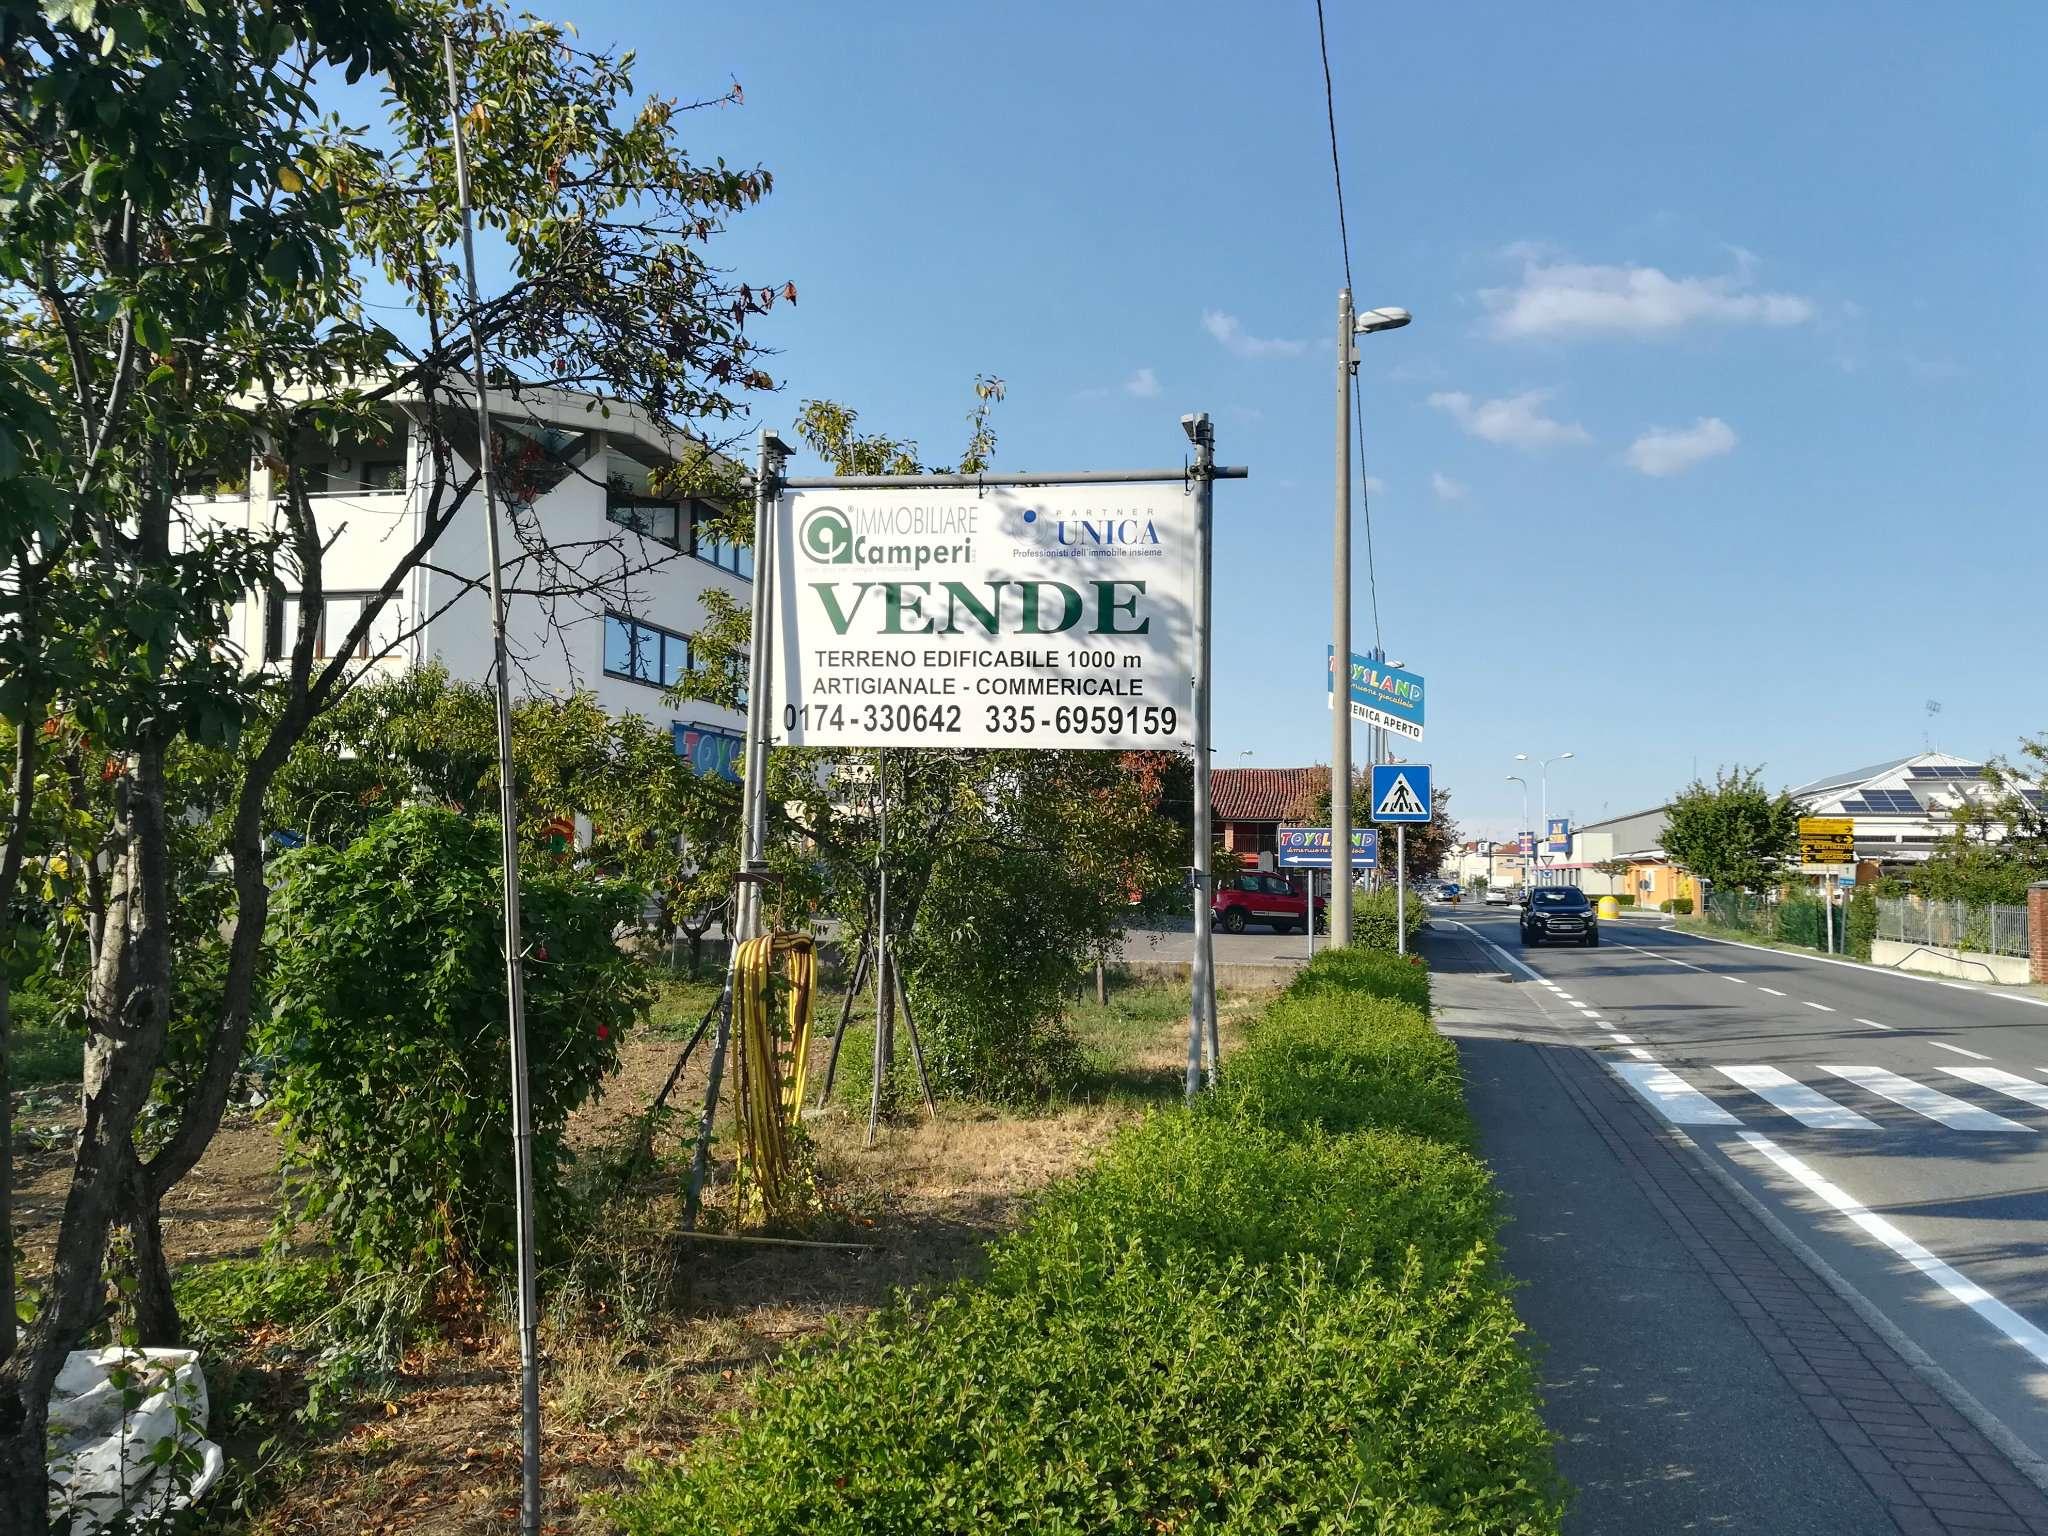 Terreno Edificabile Artigianale in Vendita a Mondovì